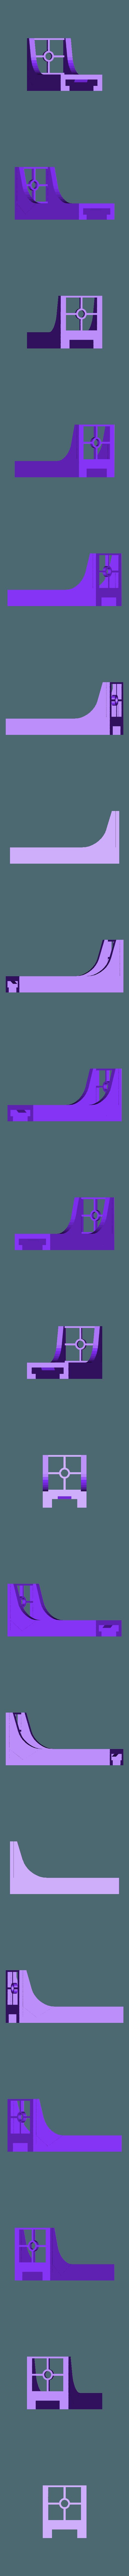 Nerf_sight.stl Télécharger fichier STL gratuit Viseur externe pour NERF N-STRIKE Blaster (compatible avec TACTICAL RAIL) • Modèle pour imprimante 3D, MarcoAlici